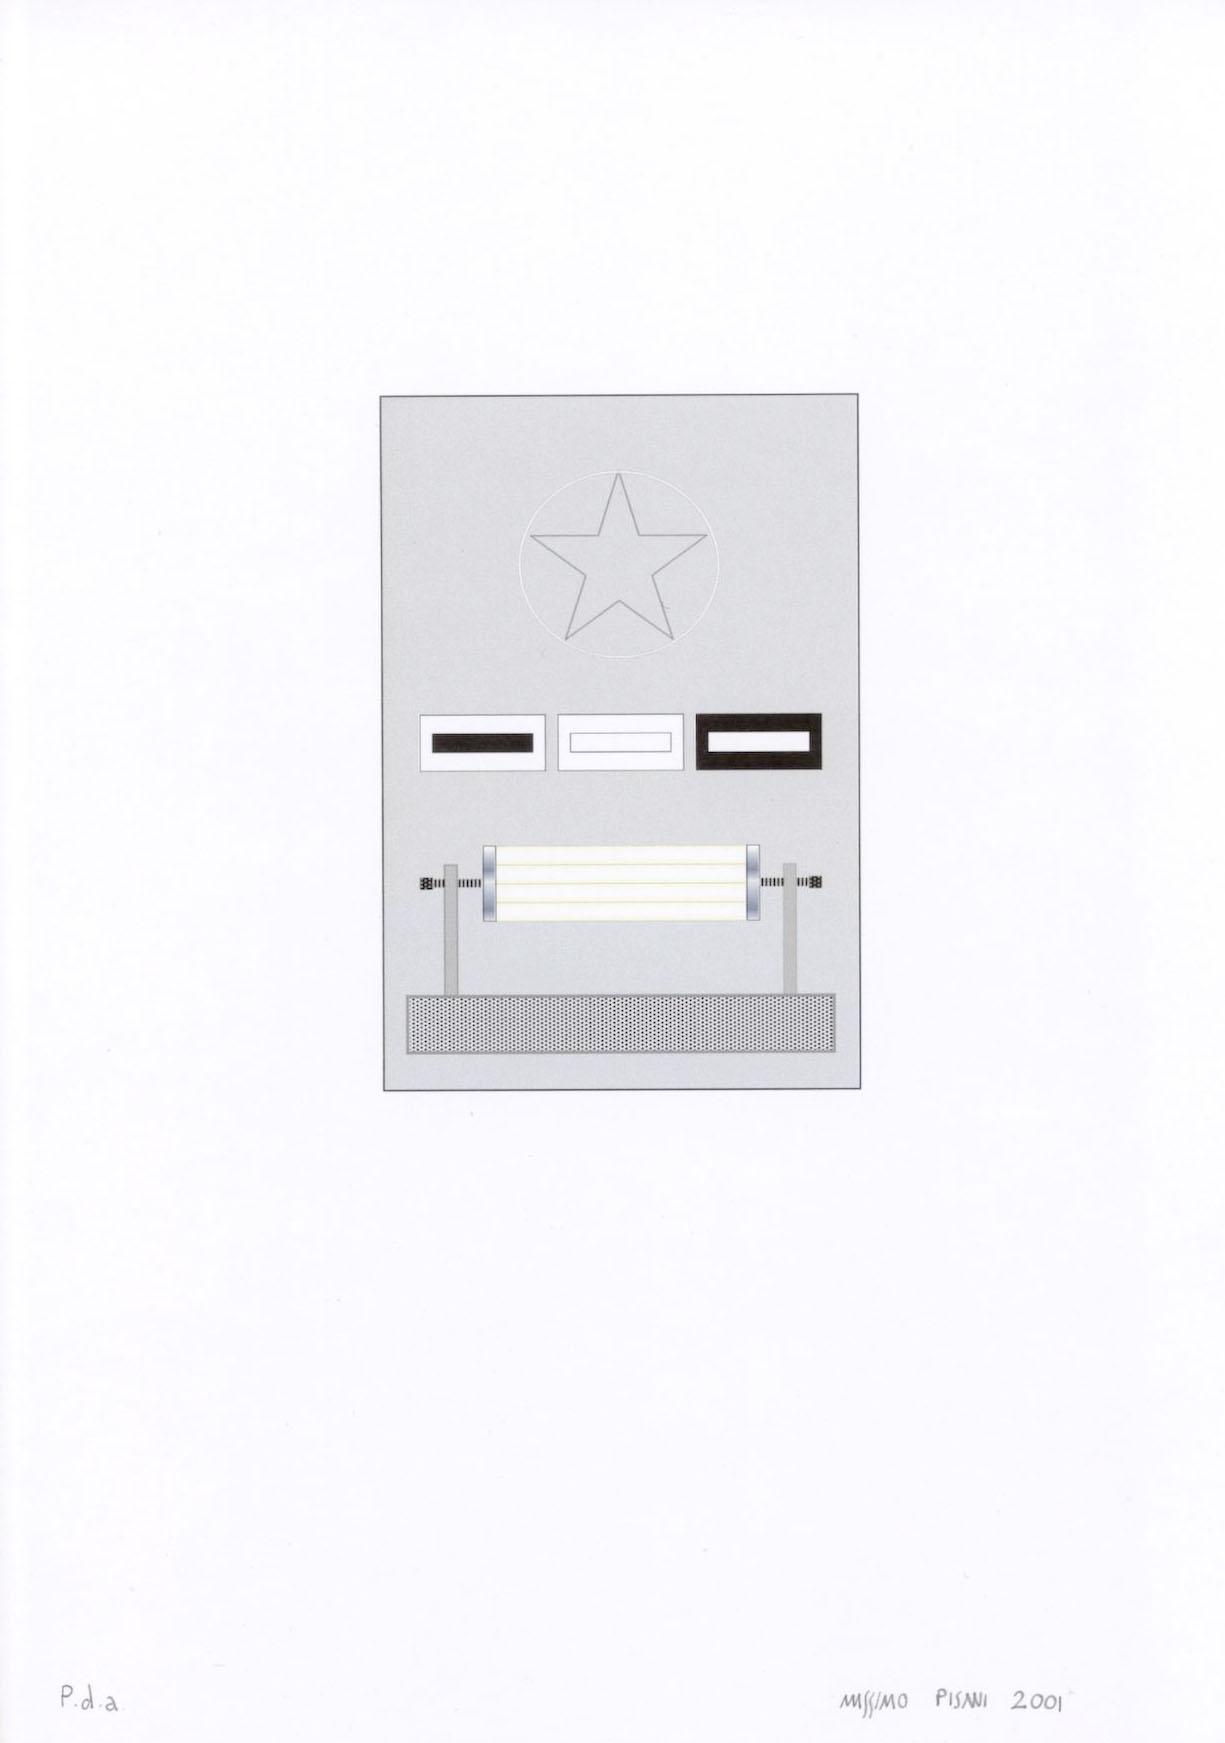 Ilustraciónes para la publicación Pulcino elefante cm.21x29,7 -2002- 11